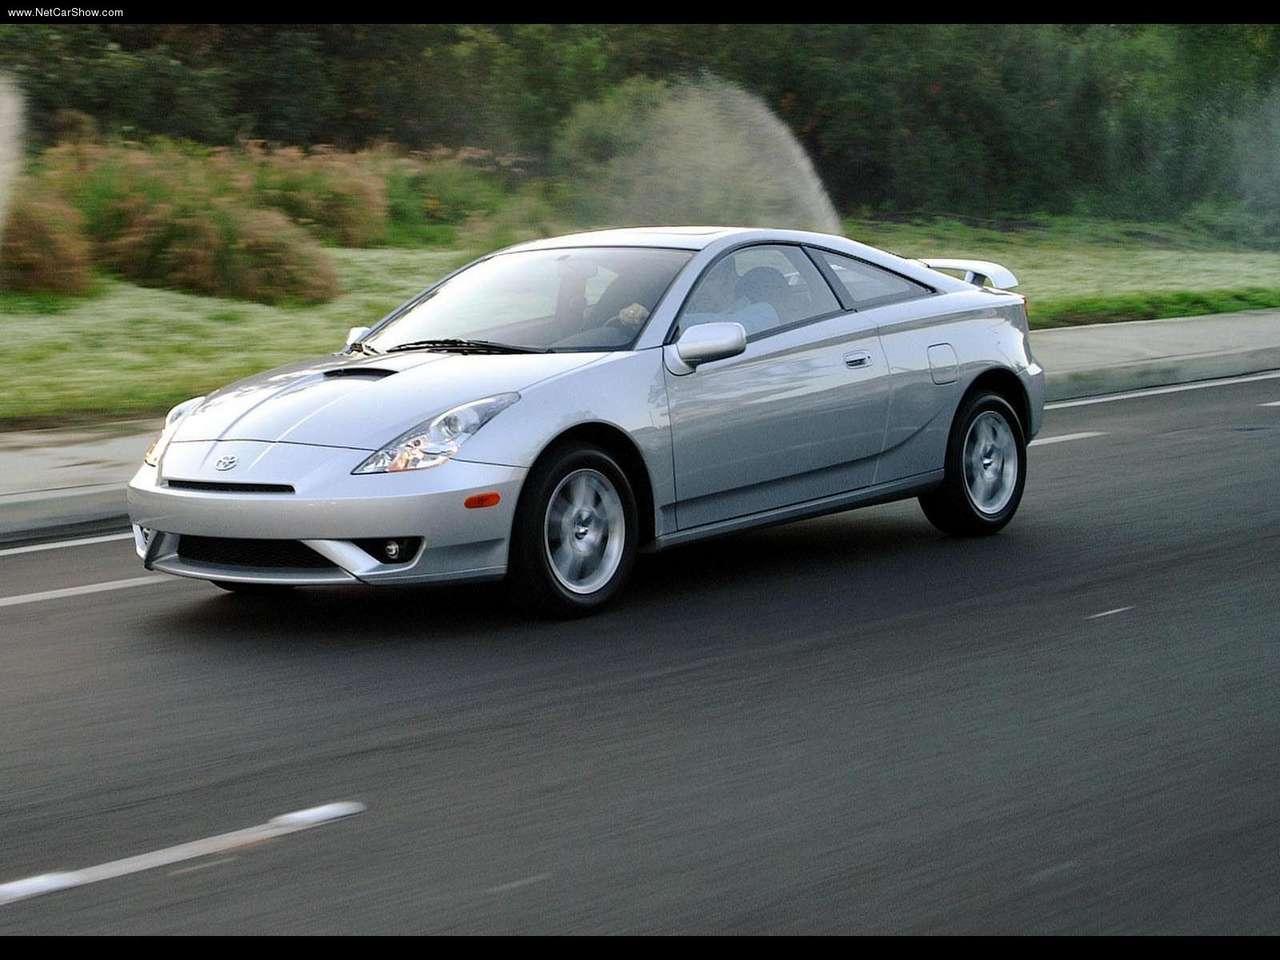 http://1.bp.blogspot.com/_xhqjRo6NERQ/S8mwiPBlrNI/AAAAAAAAIOQ/XoECB--ZWqA/s1600/Toyota-Celica_GTS_2003_1280x960_wallpaper_04.jpg